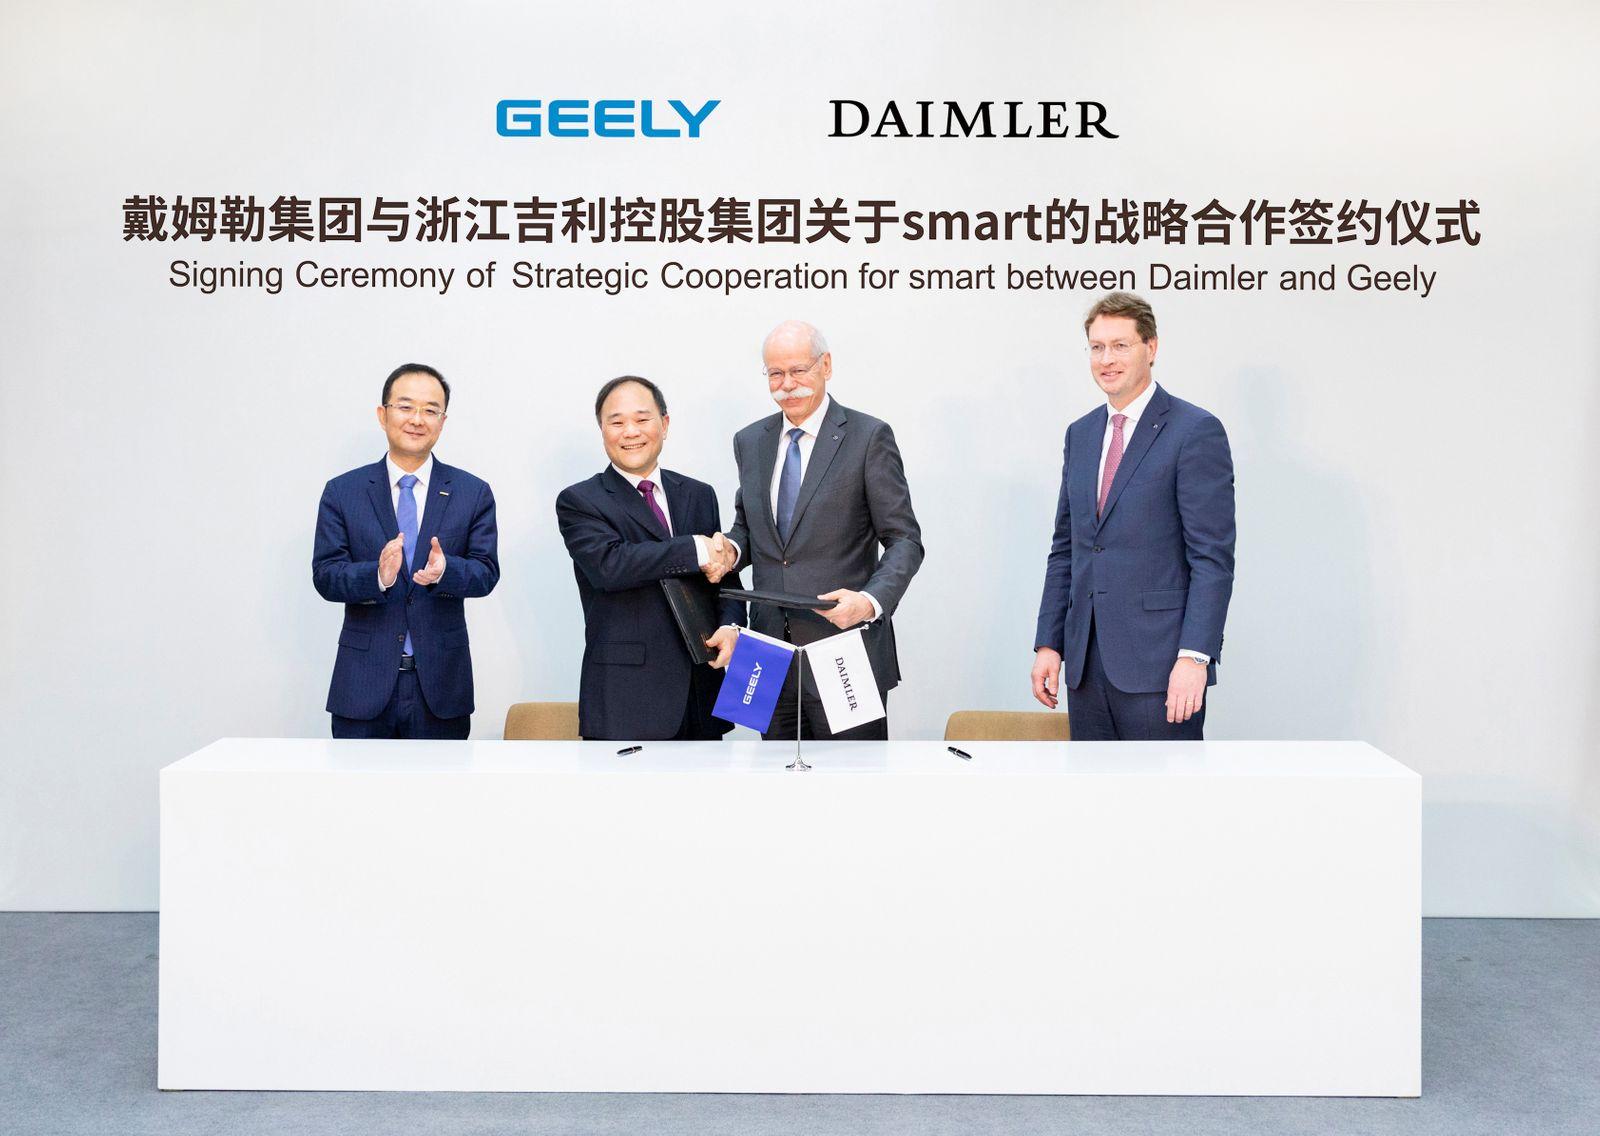 Vertragsunterzeichnung zur strategischen Kooperation für smart zwischen Daimler und Geely